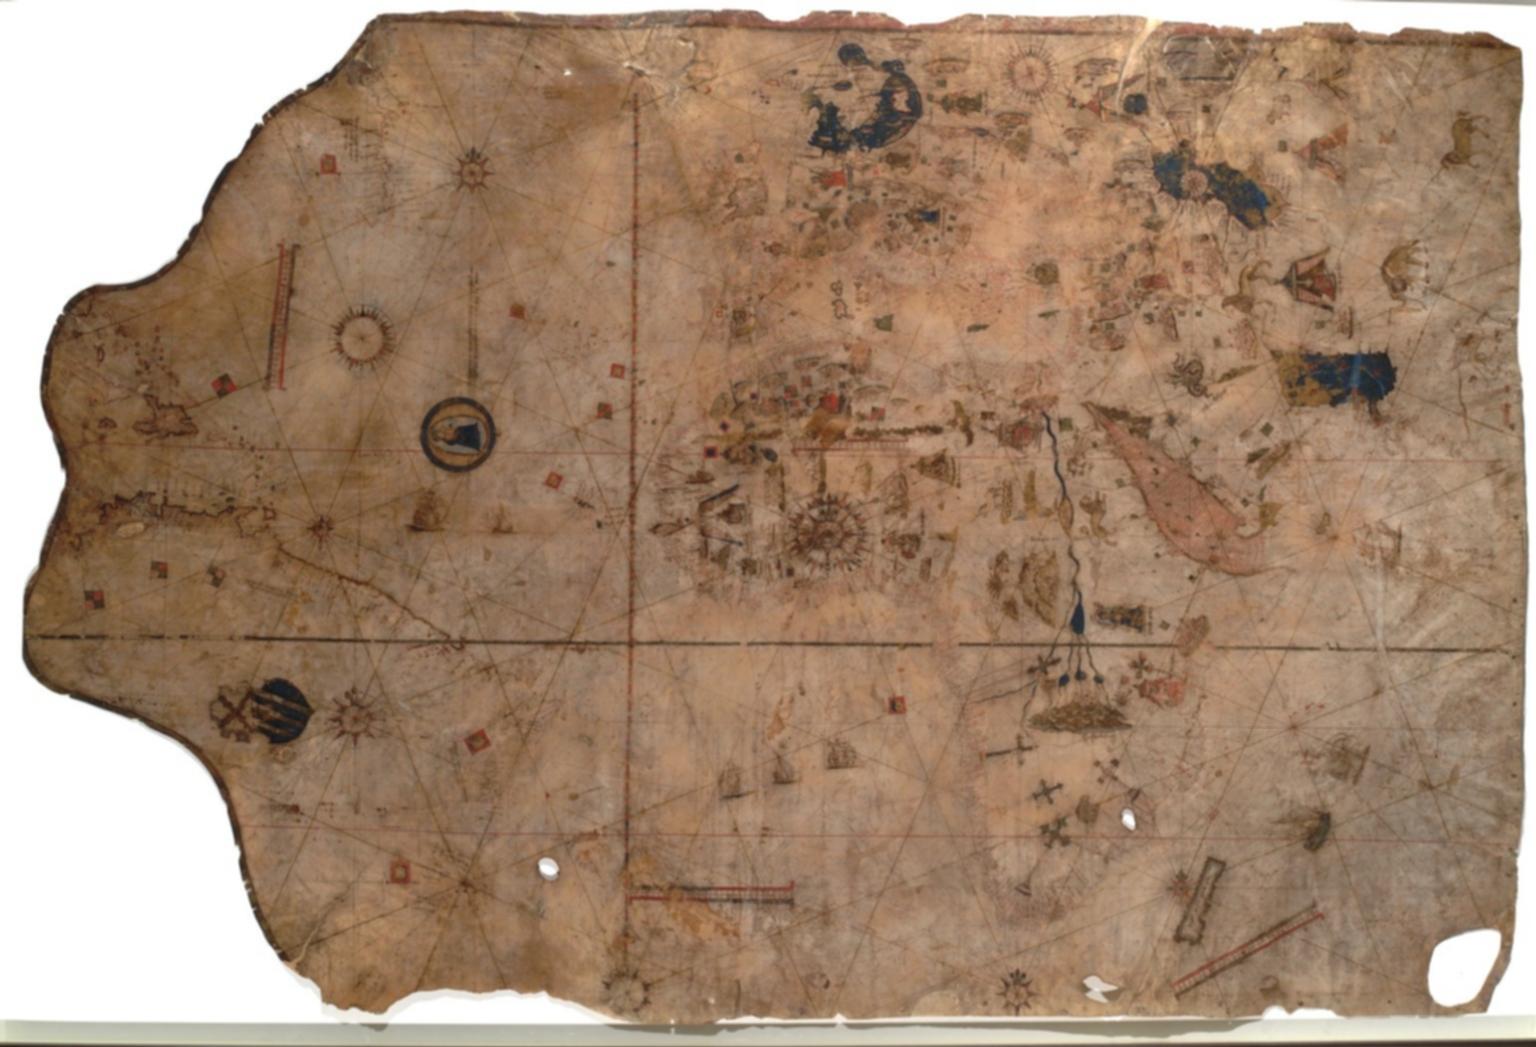 Vesconte Maggiolo, Portolan Chart